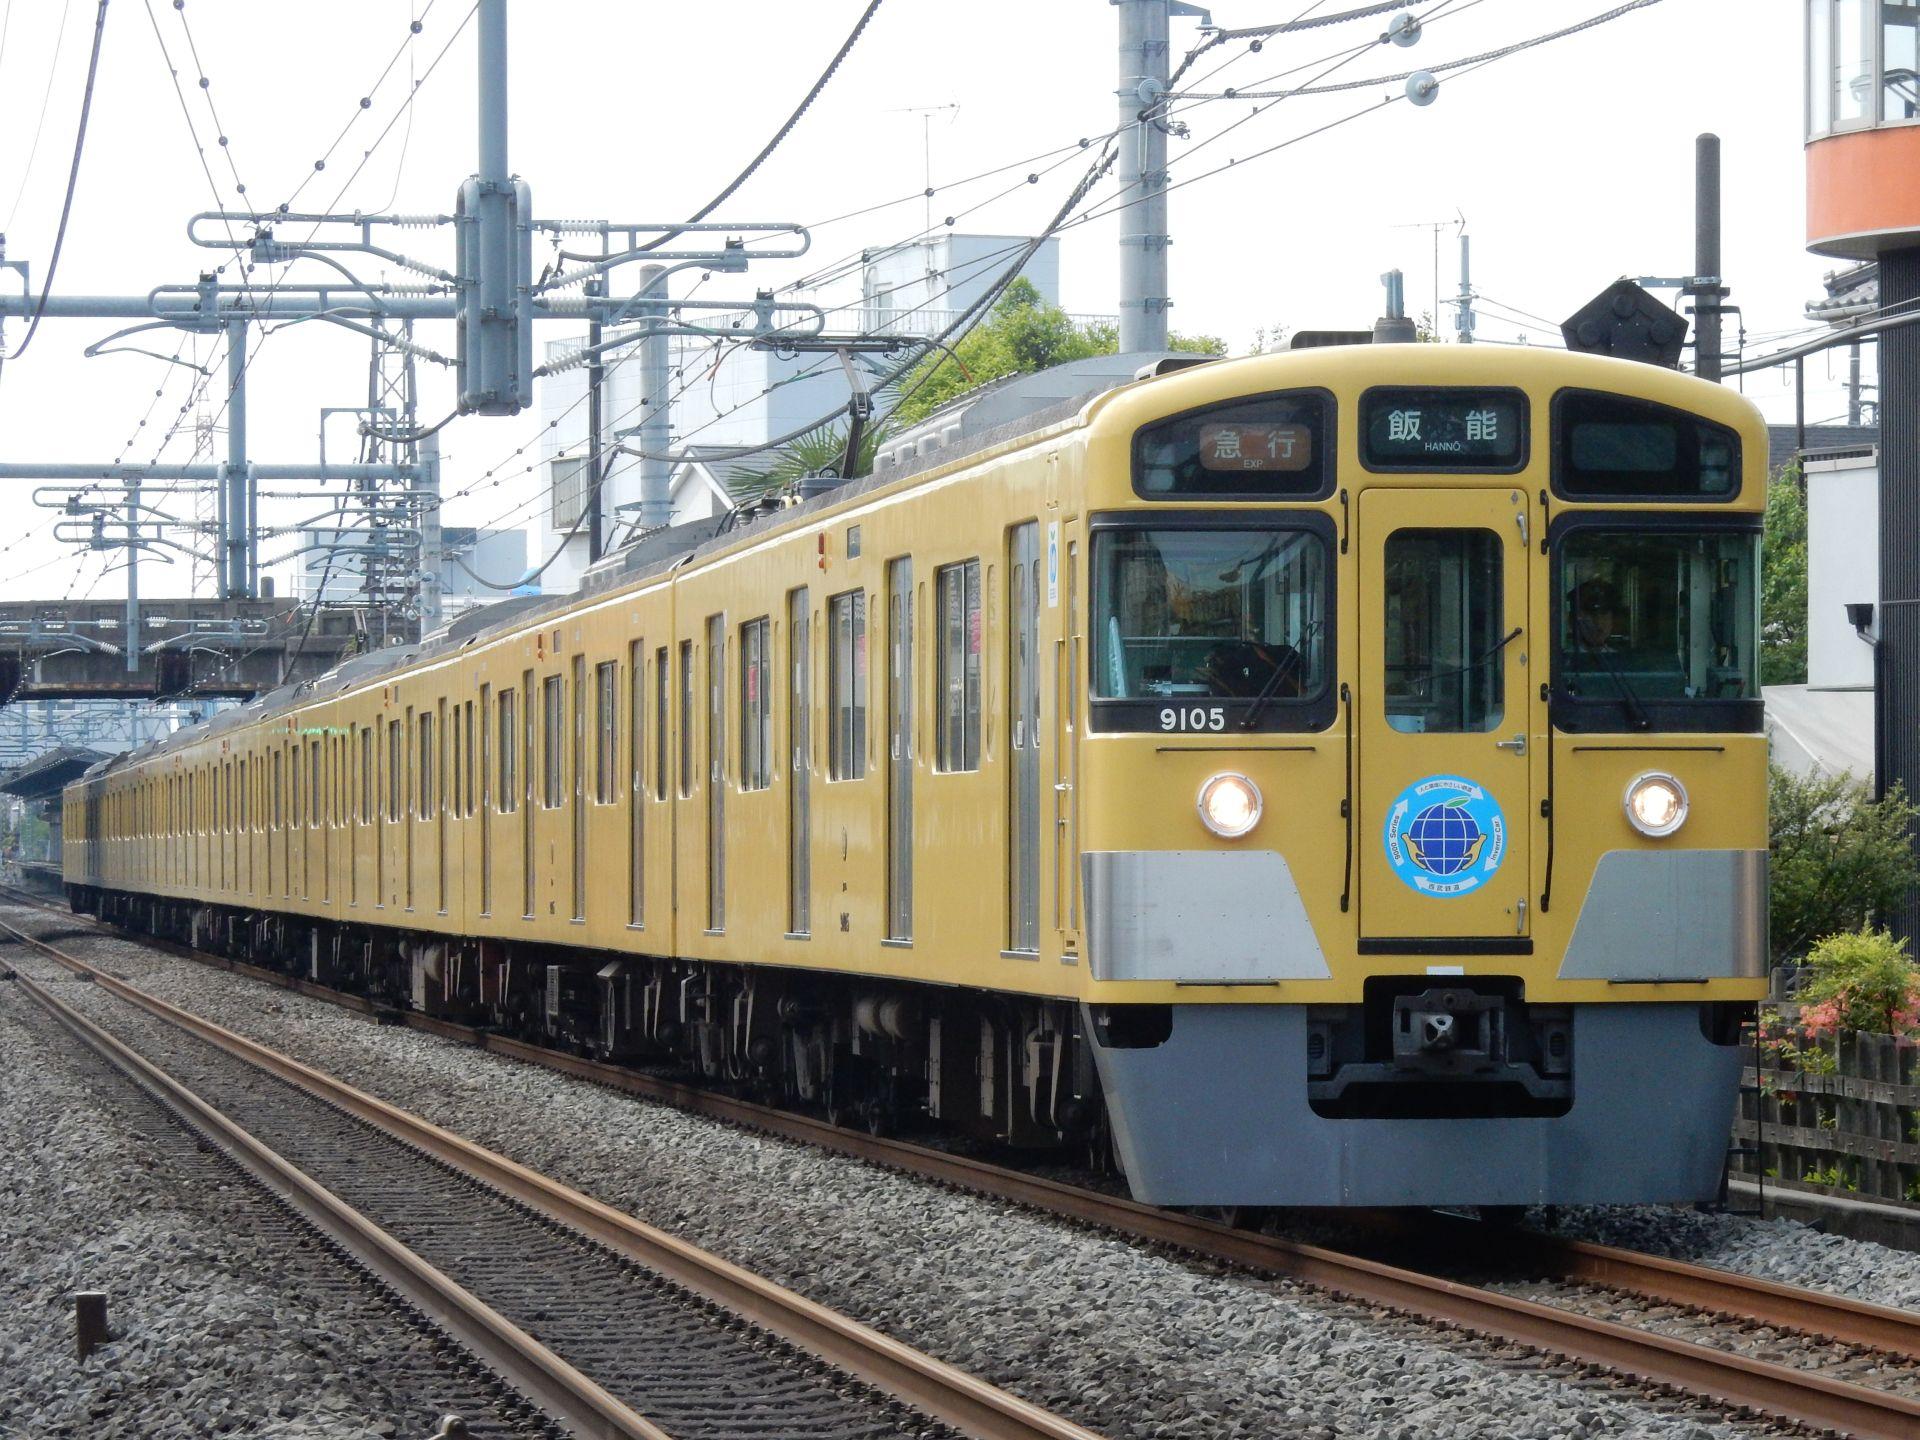 DSCN8641 - コピー